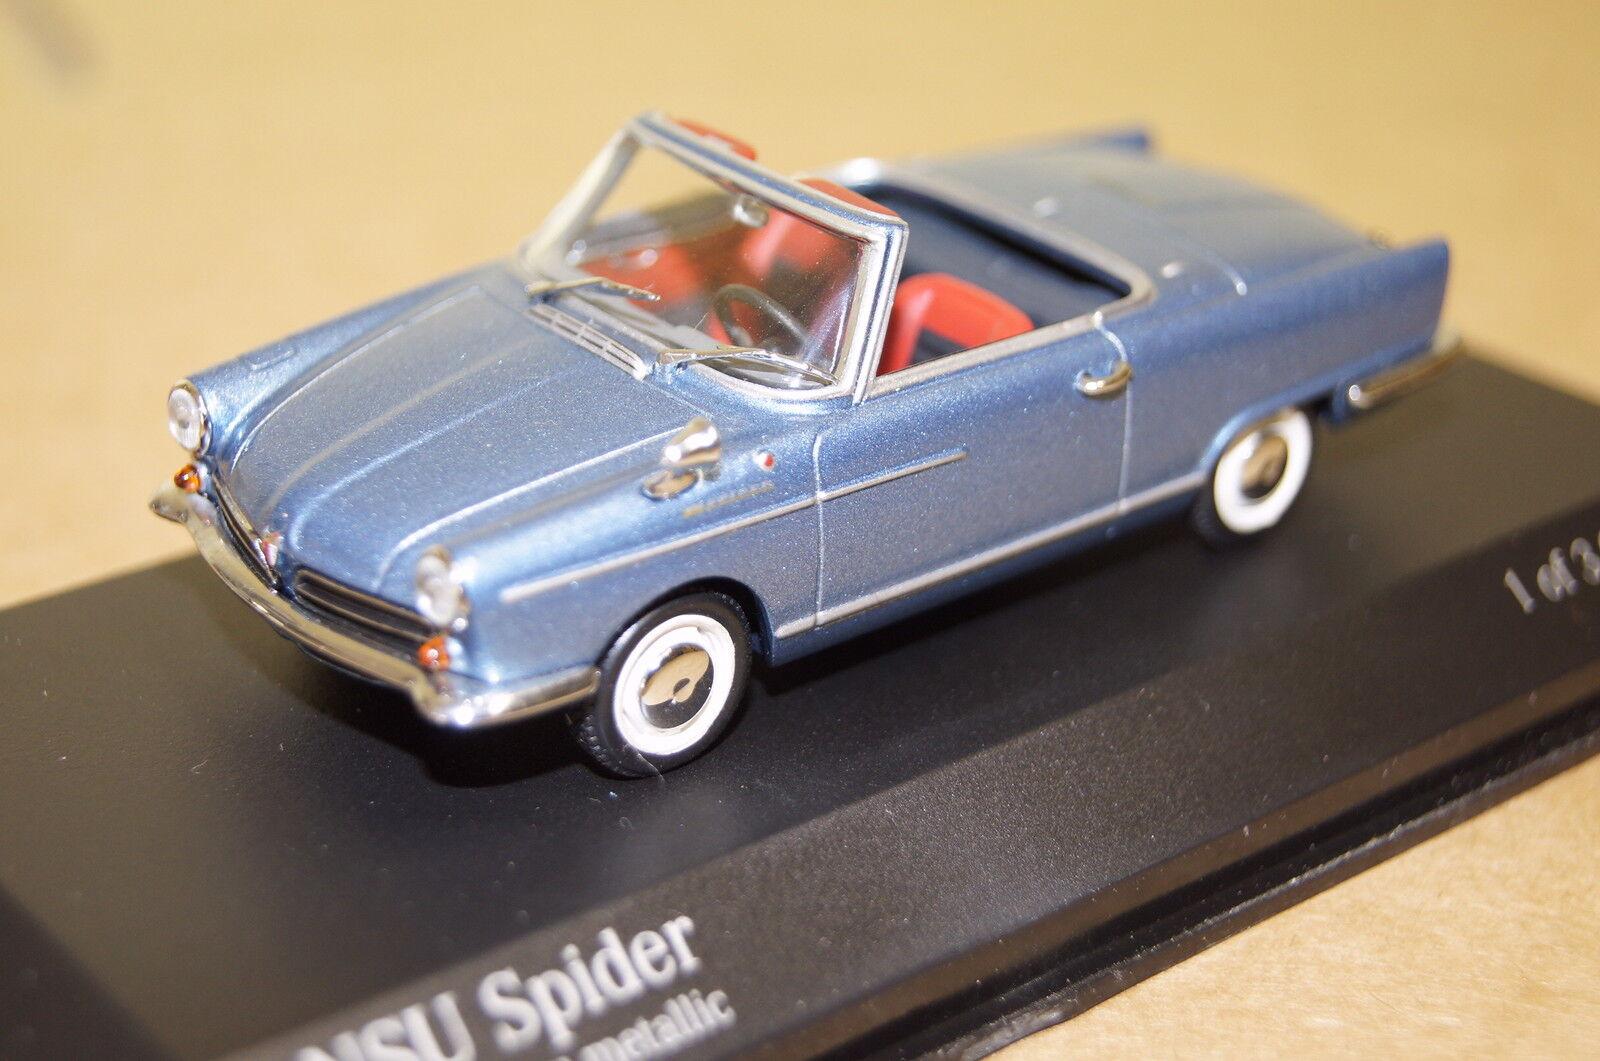 NSU Spider Spider Spider blue metallic 1964-67 1 43  Minichamps neu & OVP 430019230 a36492